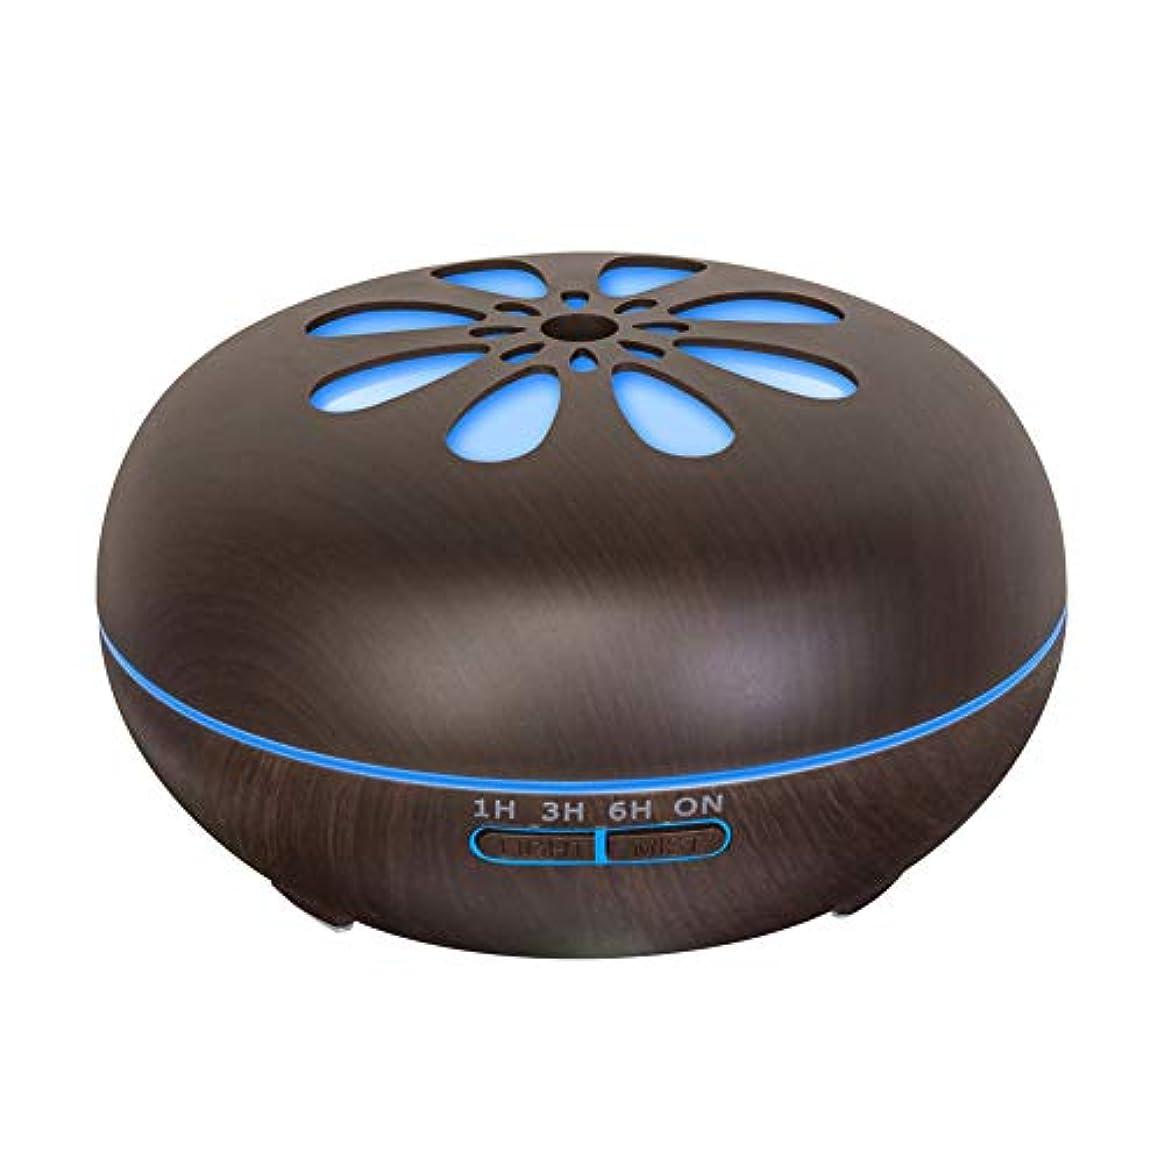 割る正確な純正550 Ml 木目 涼しい霧 加湿器,リモコン 7 色 超音波式 加湿機 時間 香り 精油 ディフューザー ホーム オフィス リビング ルーム Yoga-h